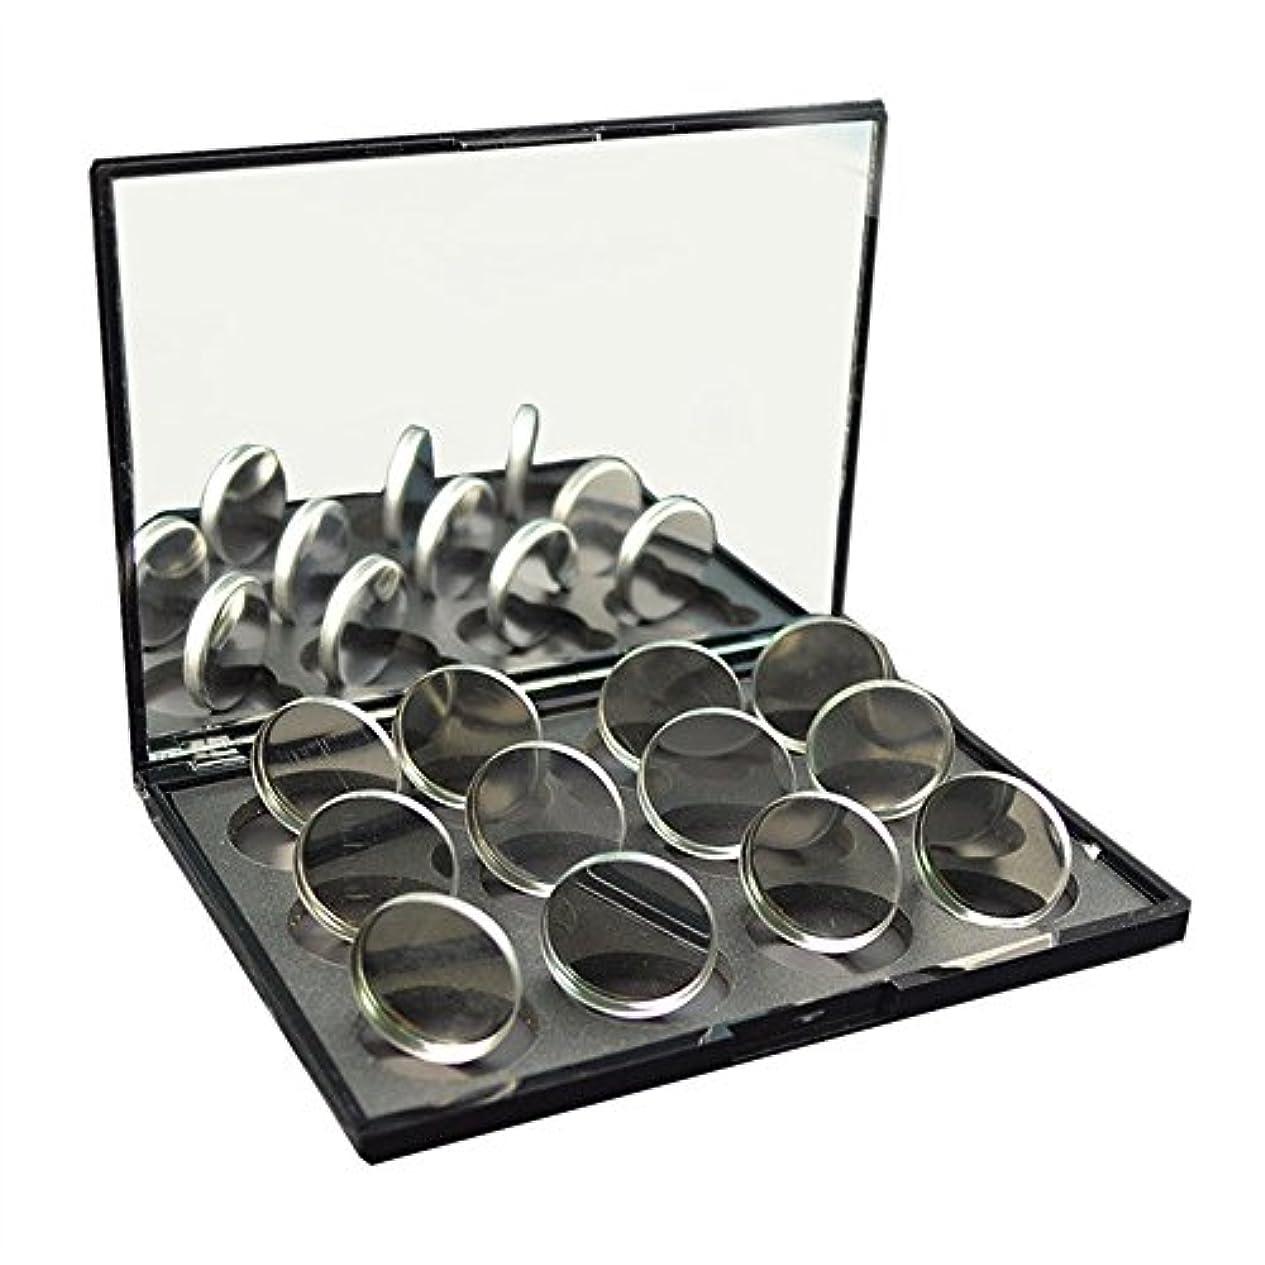 ぬれた逸話劇作家磁石に敏感な粉のアイシャドウ26mmのための100pcs空の円形の錫鍋